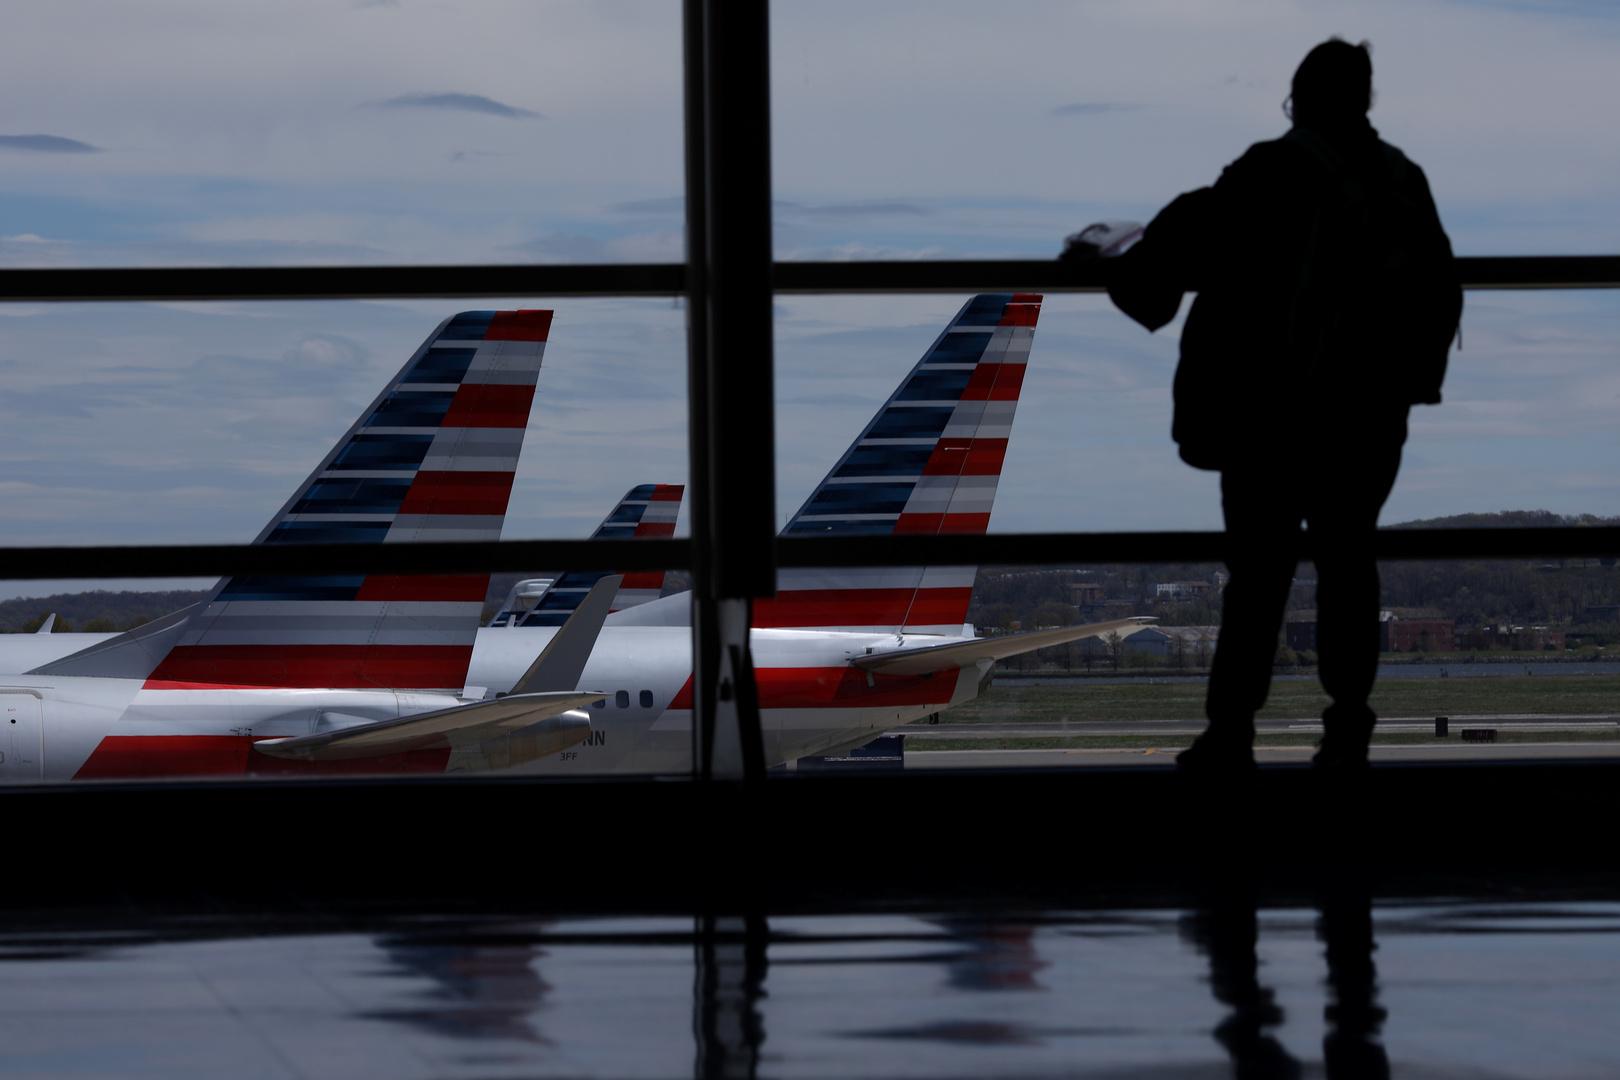 بايدن يمدد قرارا يمنع دخول المسافرين من عدة دول إلى الولايات المتحدة